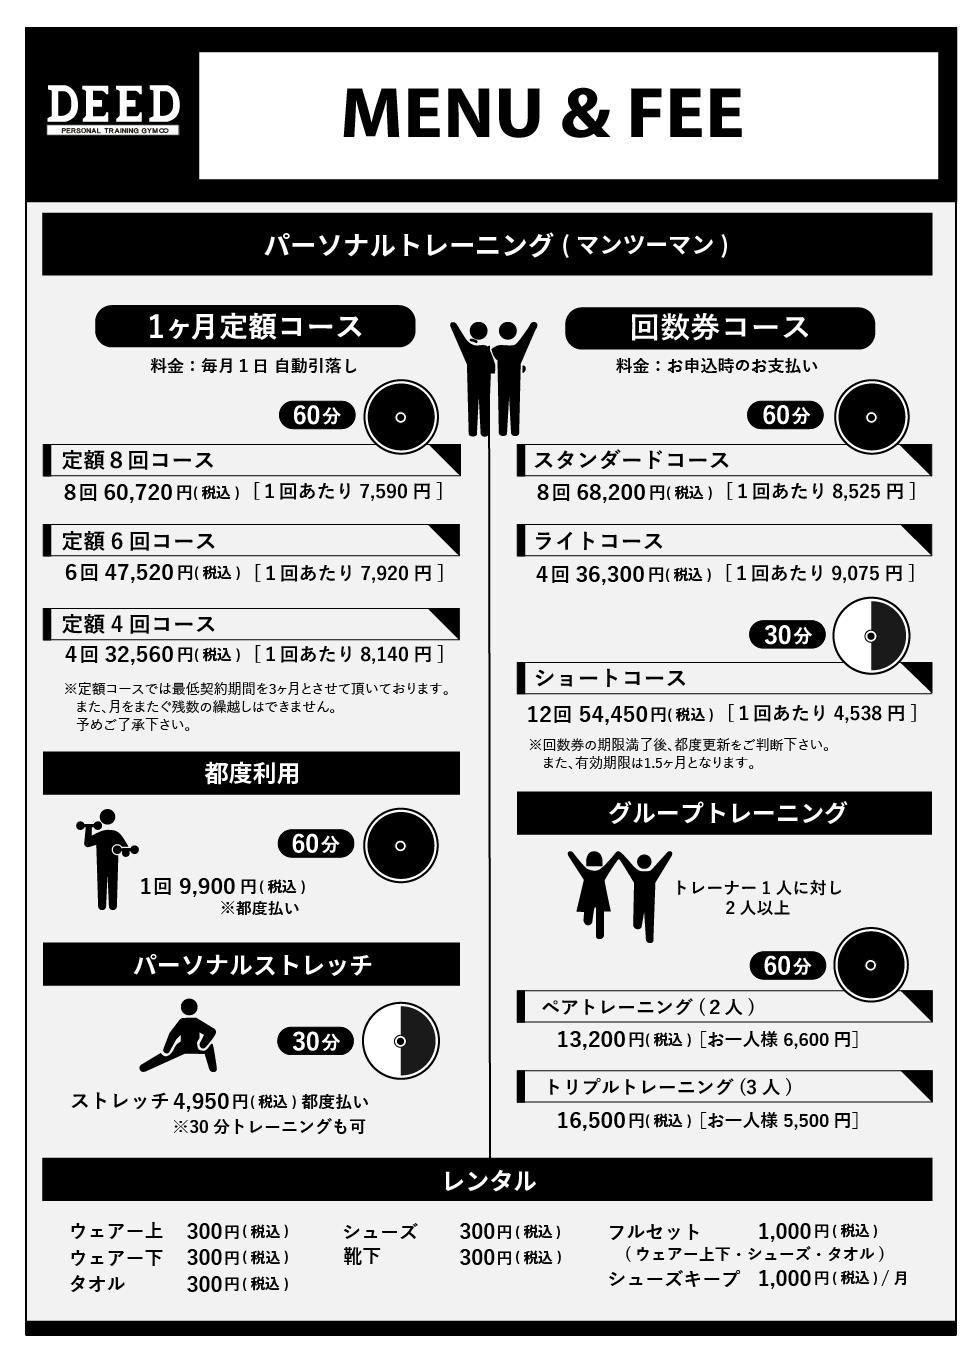 DEEDメニュー・料金表